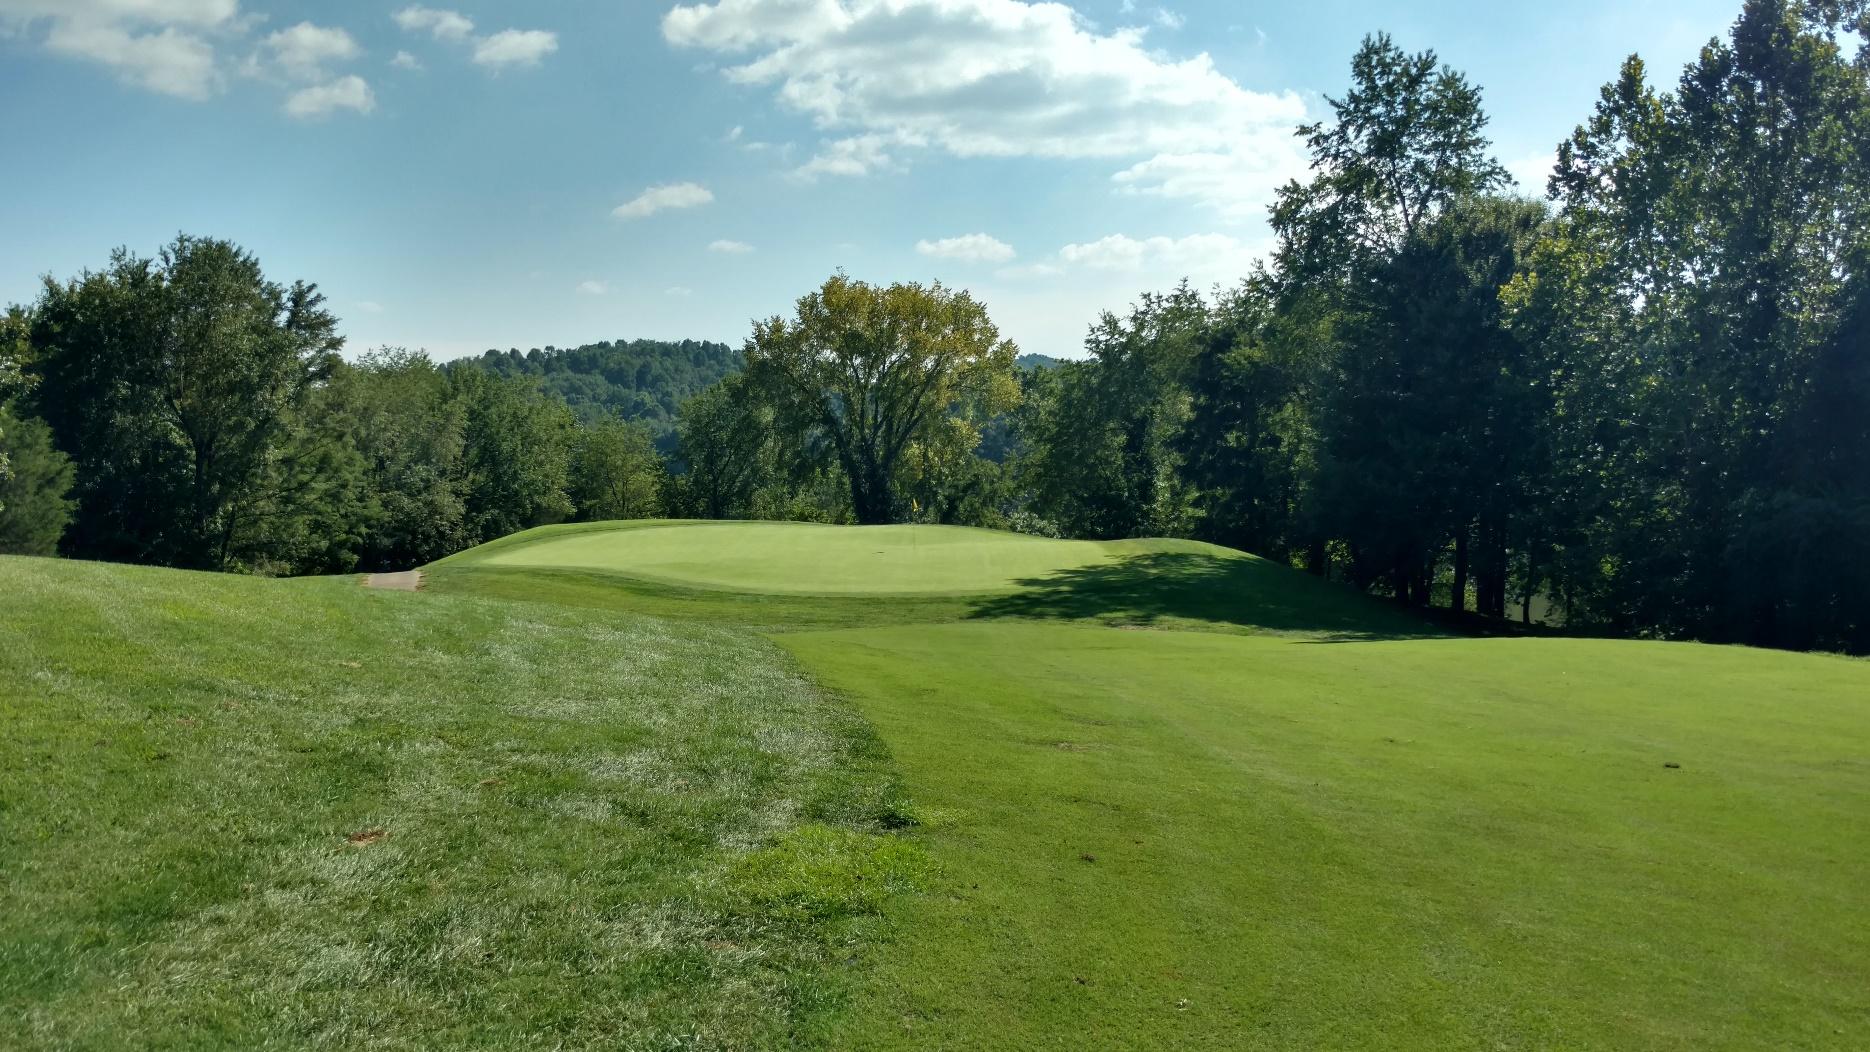 clear creek golf club bristol va on 08 26 16 vagolfguy. Black Bedroom Furniture Sets. Home Design Ideas